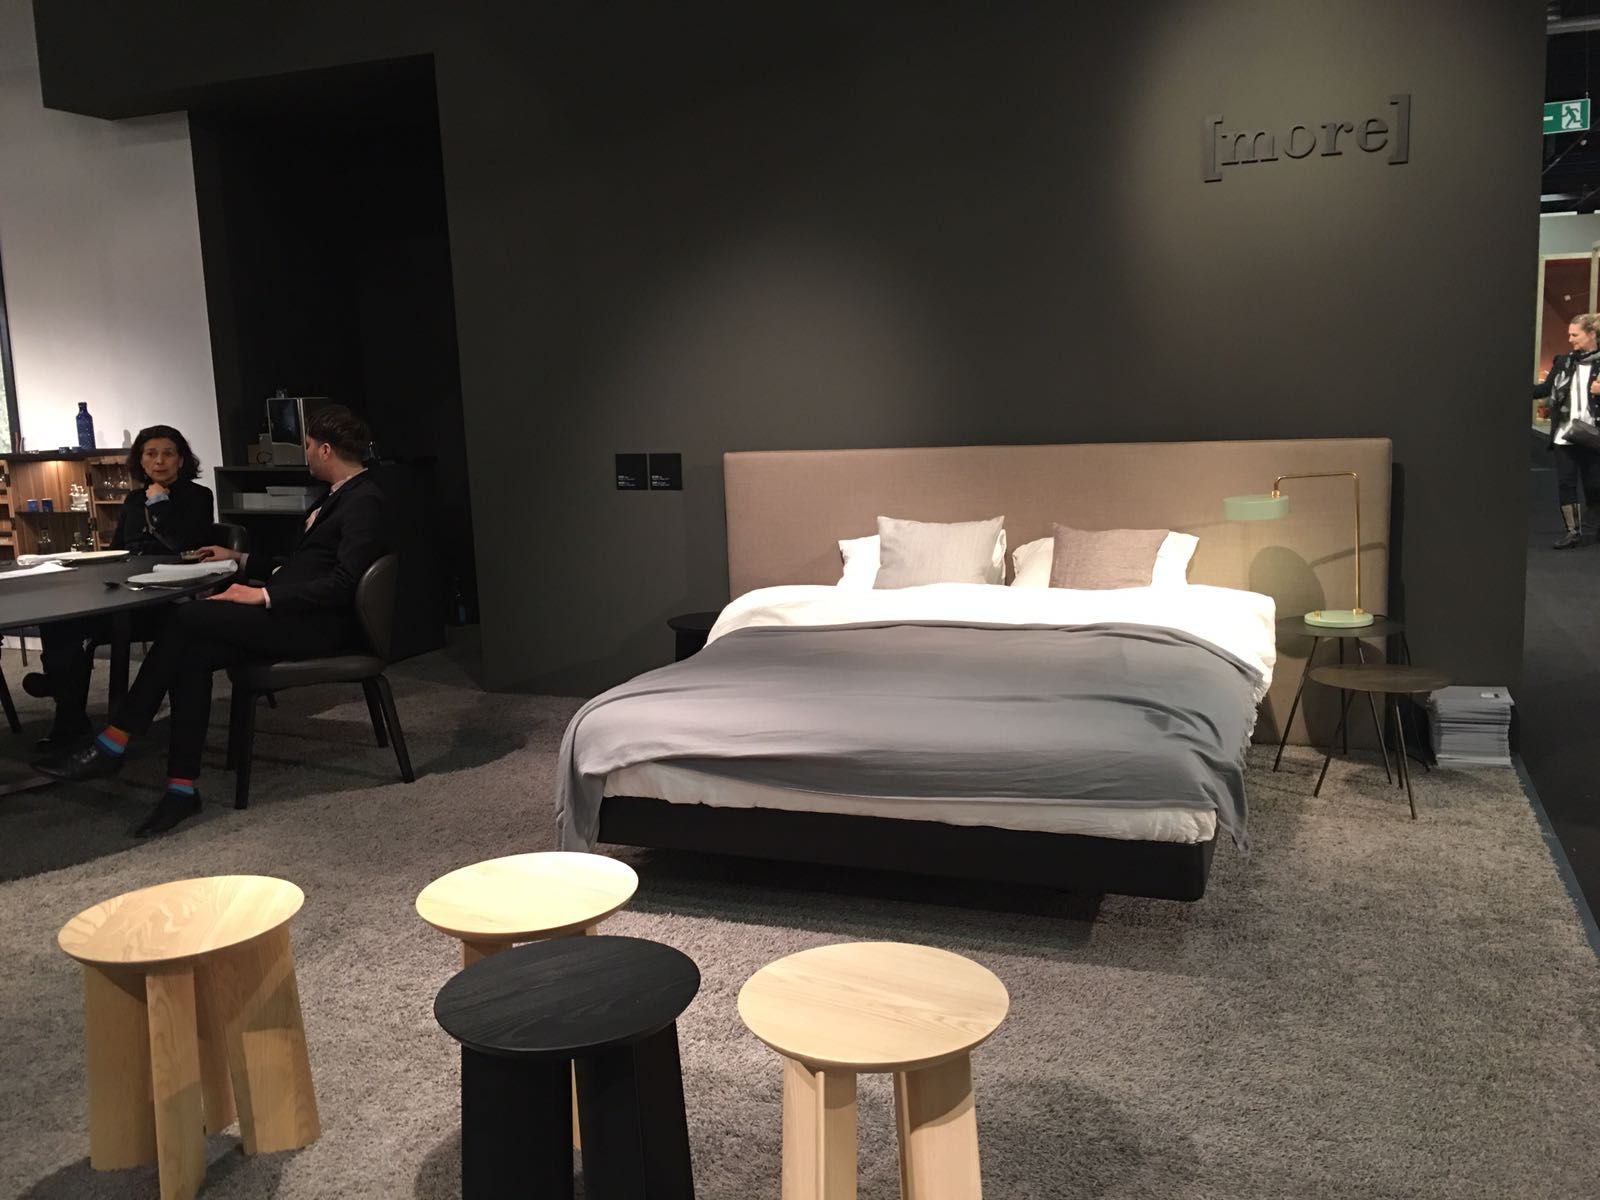 more] möbel bedroom furniture at imm cologne 2018 #furniture